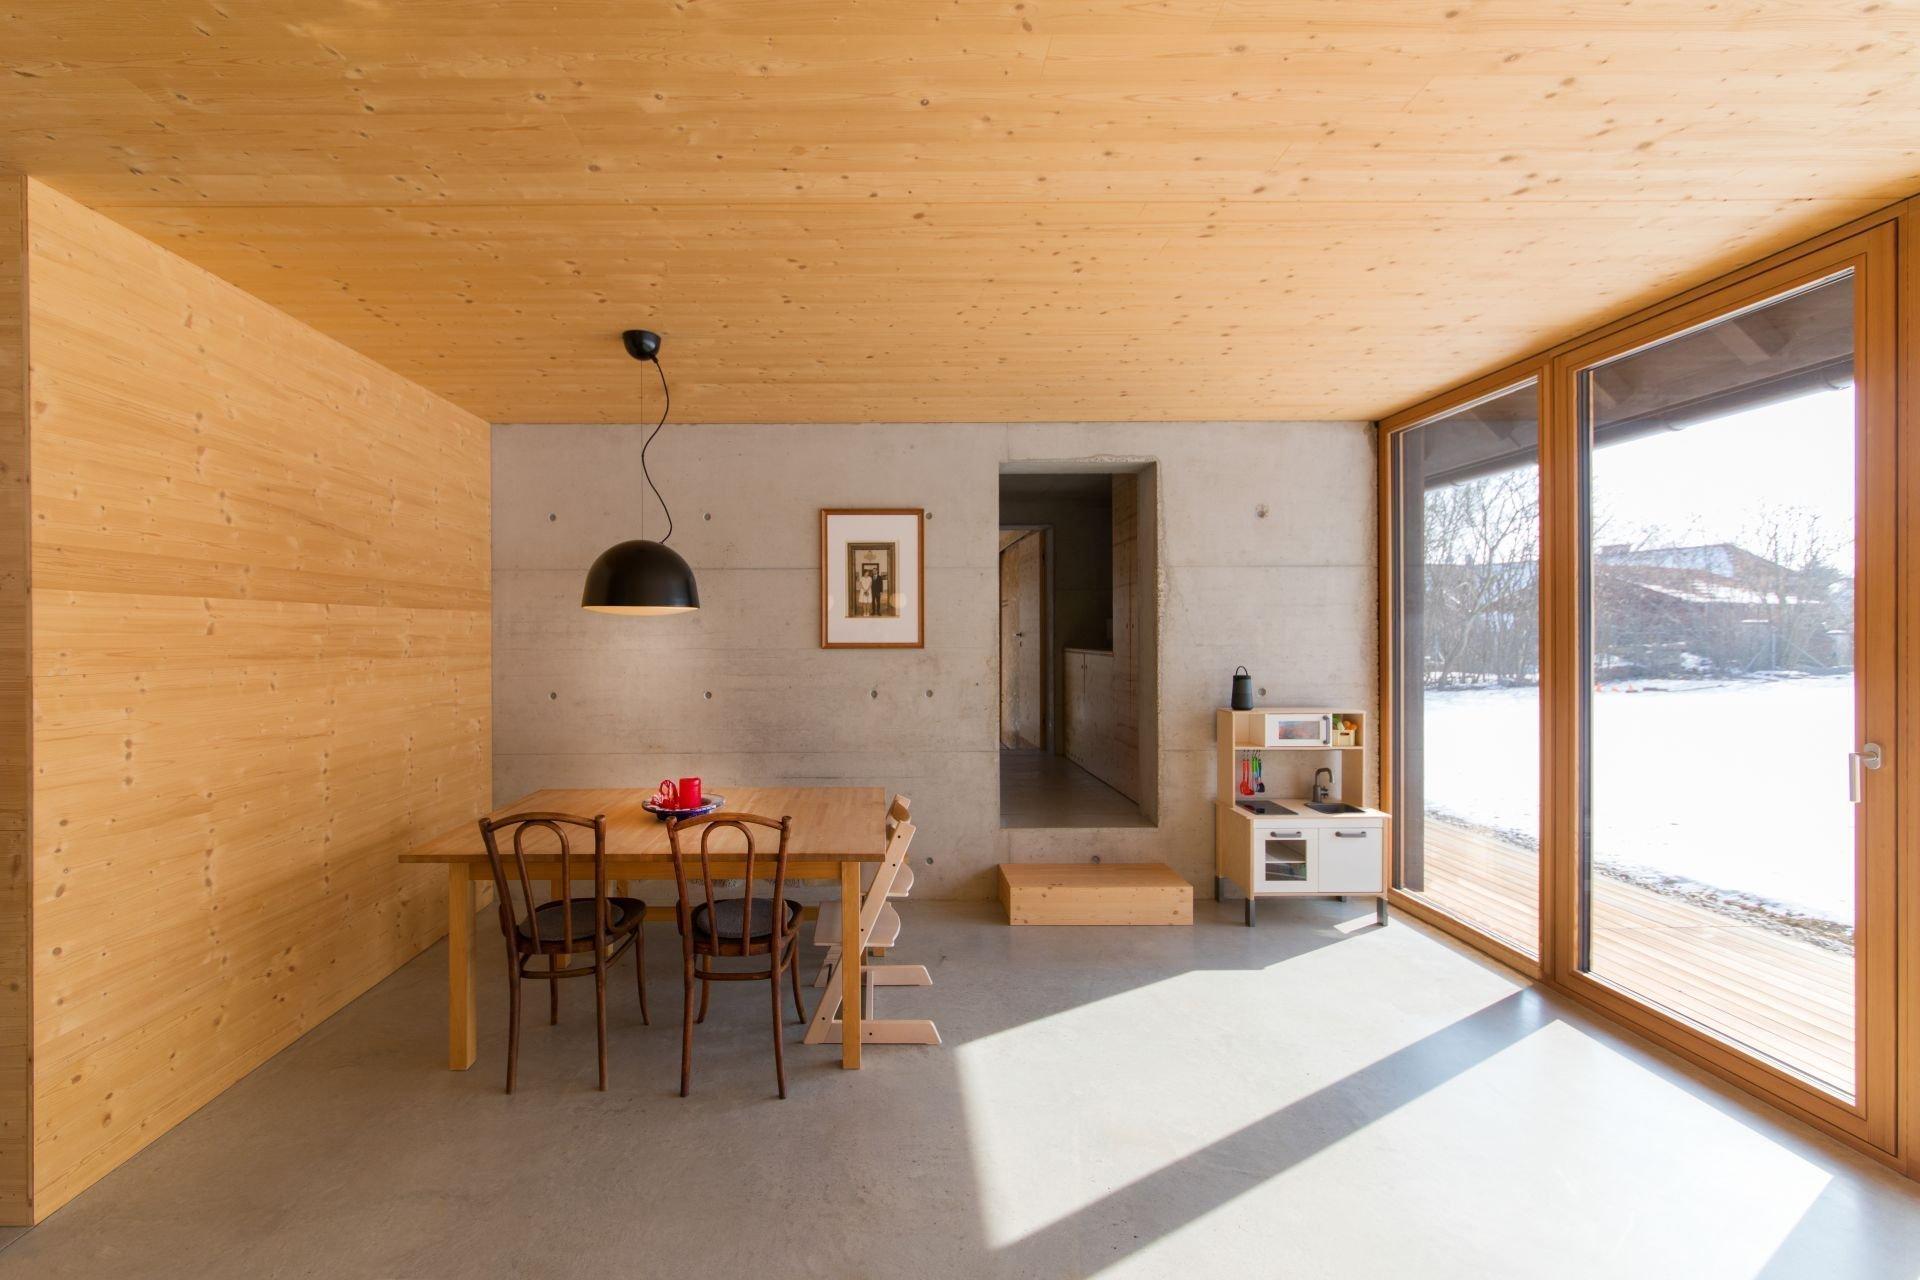 Dřevo patří mezi nejvíce oblíbené stavební materiály vůbec. A není divu. Nejen že má skvělé vlastnosti, navíc jde i o materiál krásný na pohled. Tento dům je ukázkou toho, jak to může dopadnout, když máme dřevo jak v exteriéru, tak v interiéru.